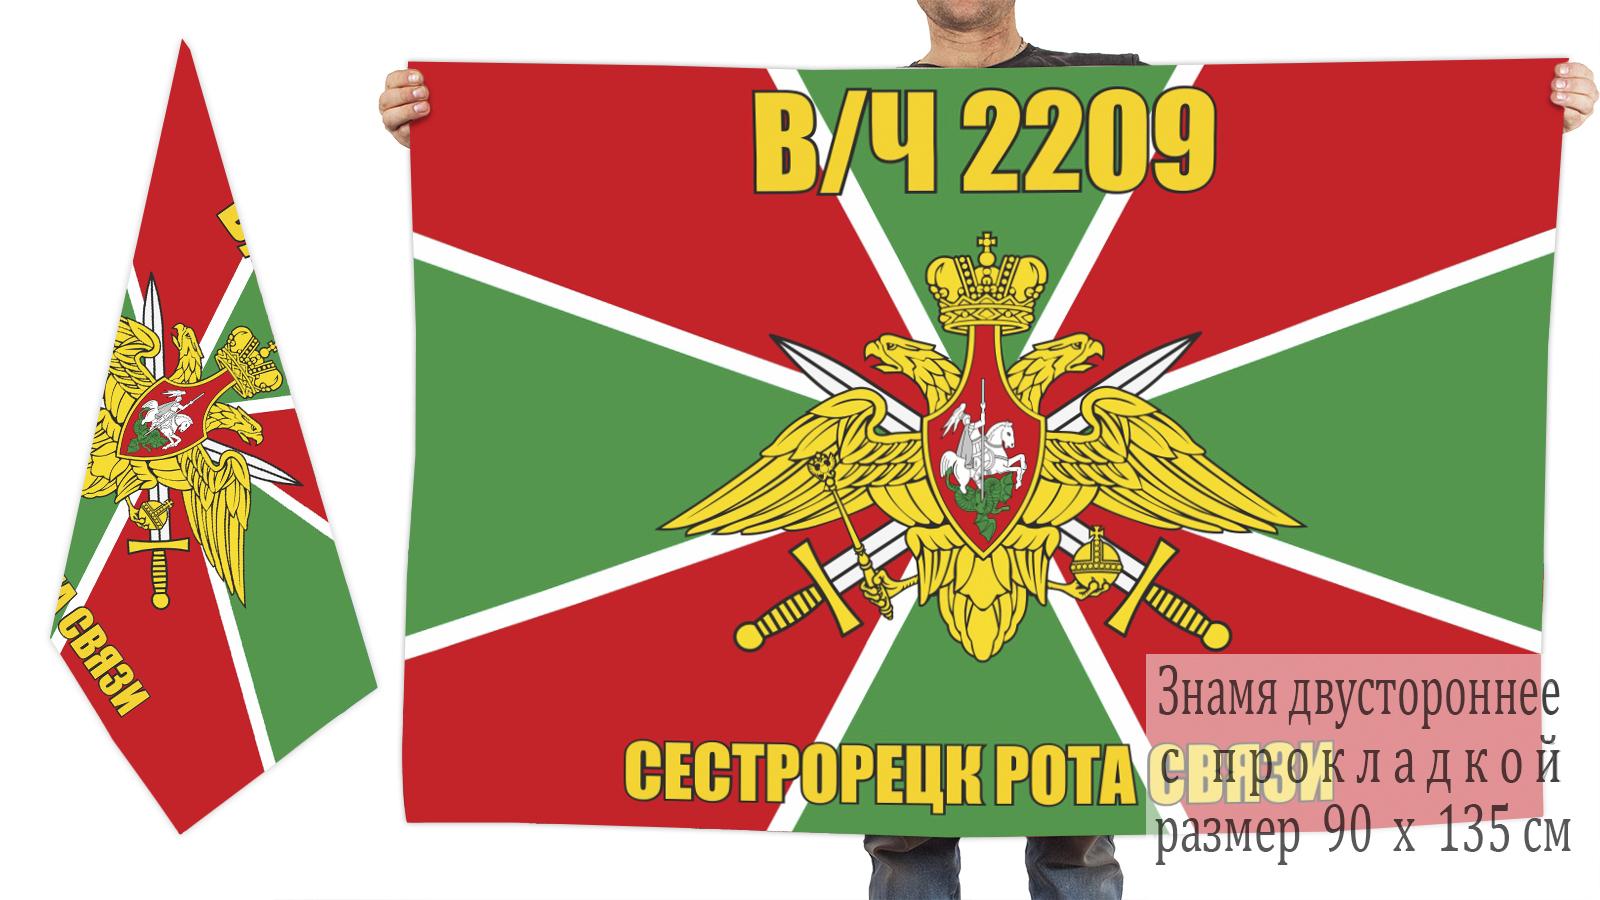 Двусторонний флаг Сестрорецкой роты связи Пограничных войск